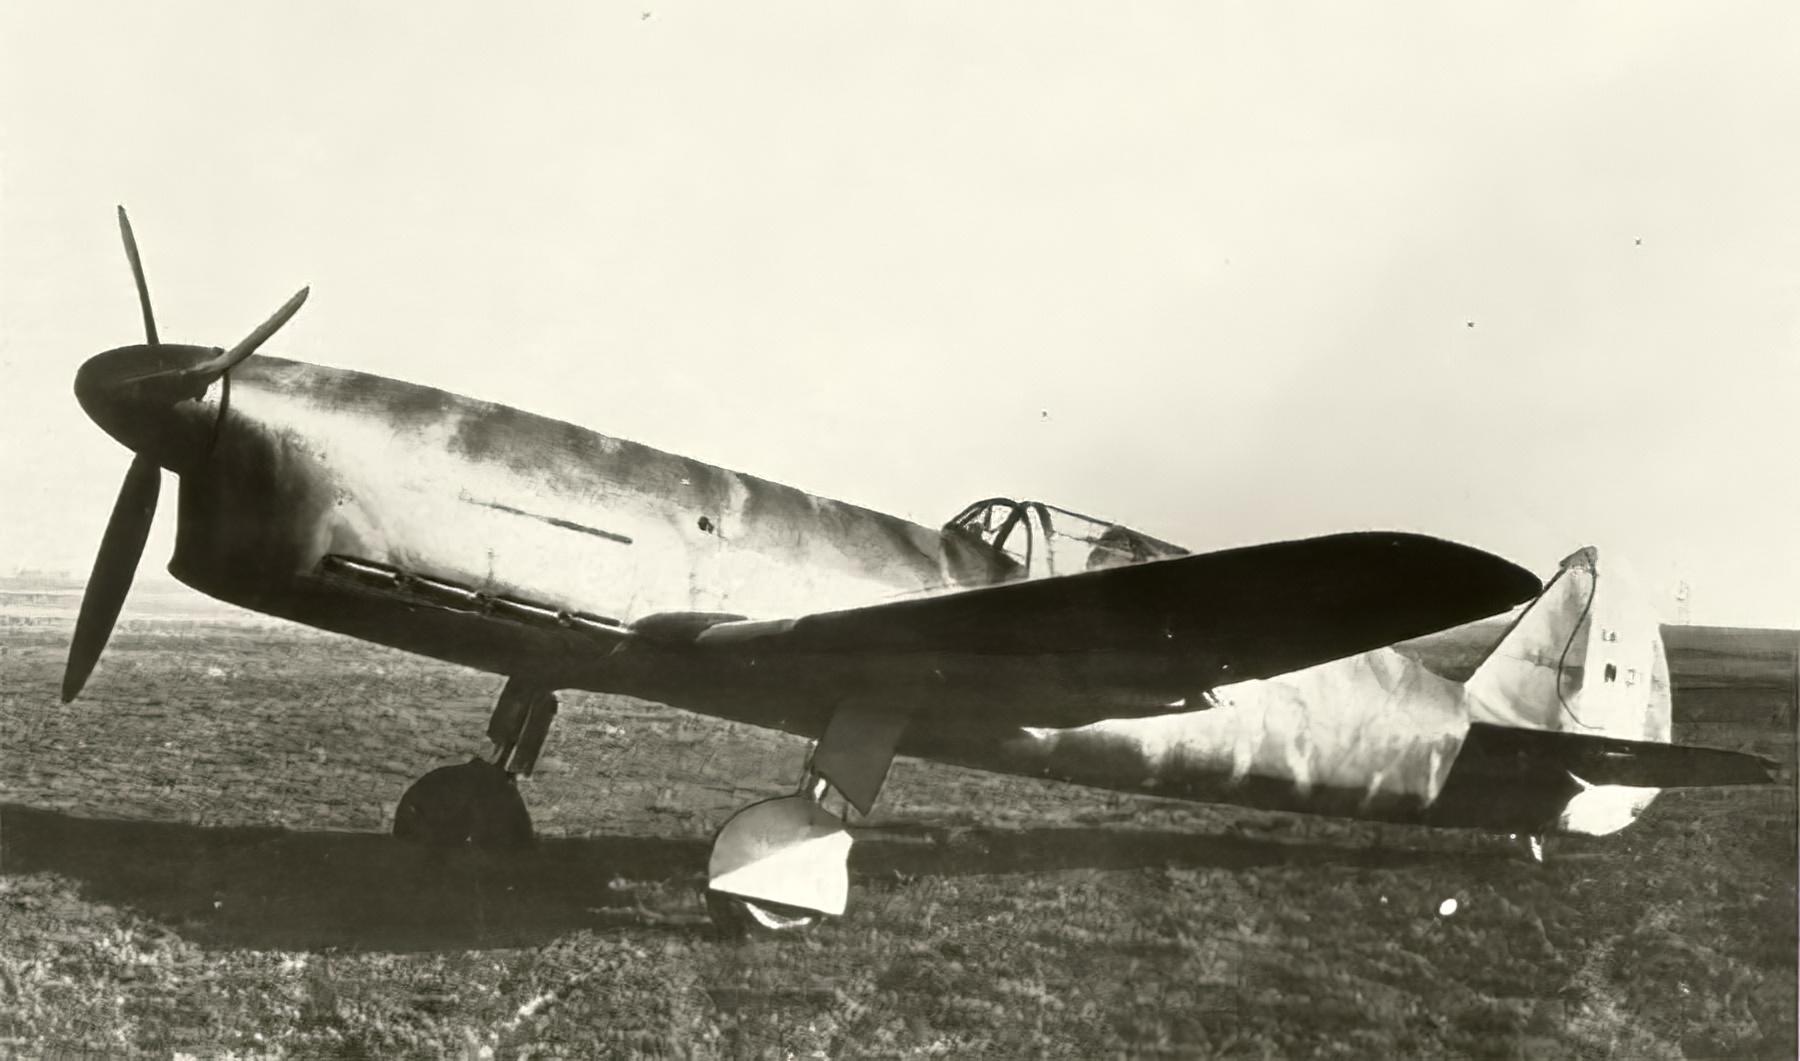 French Caudron CR 770C1 sn01 Cyclone Polish AF France 1940 web 04